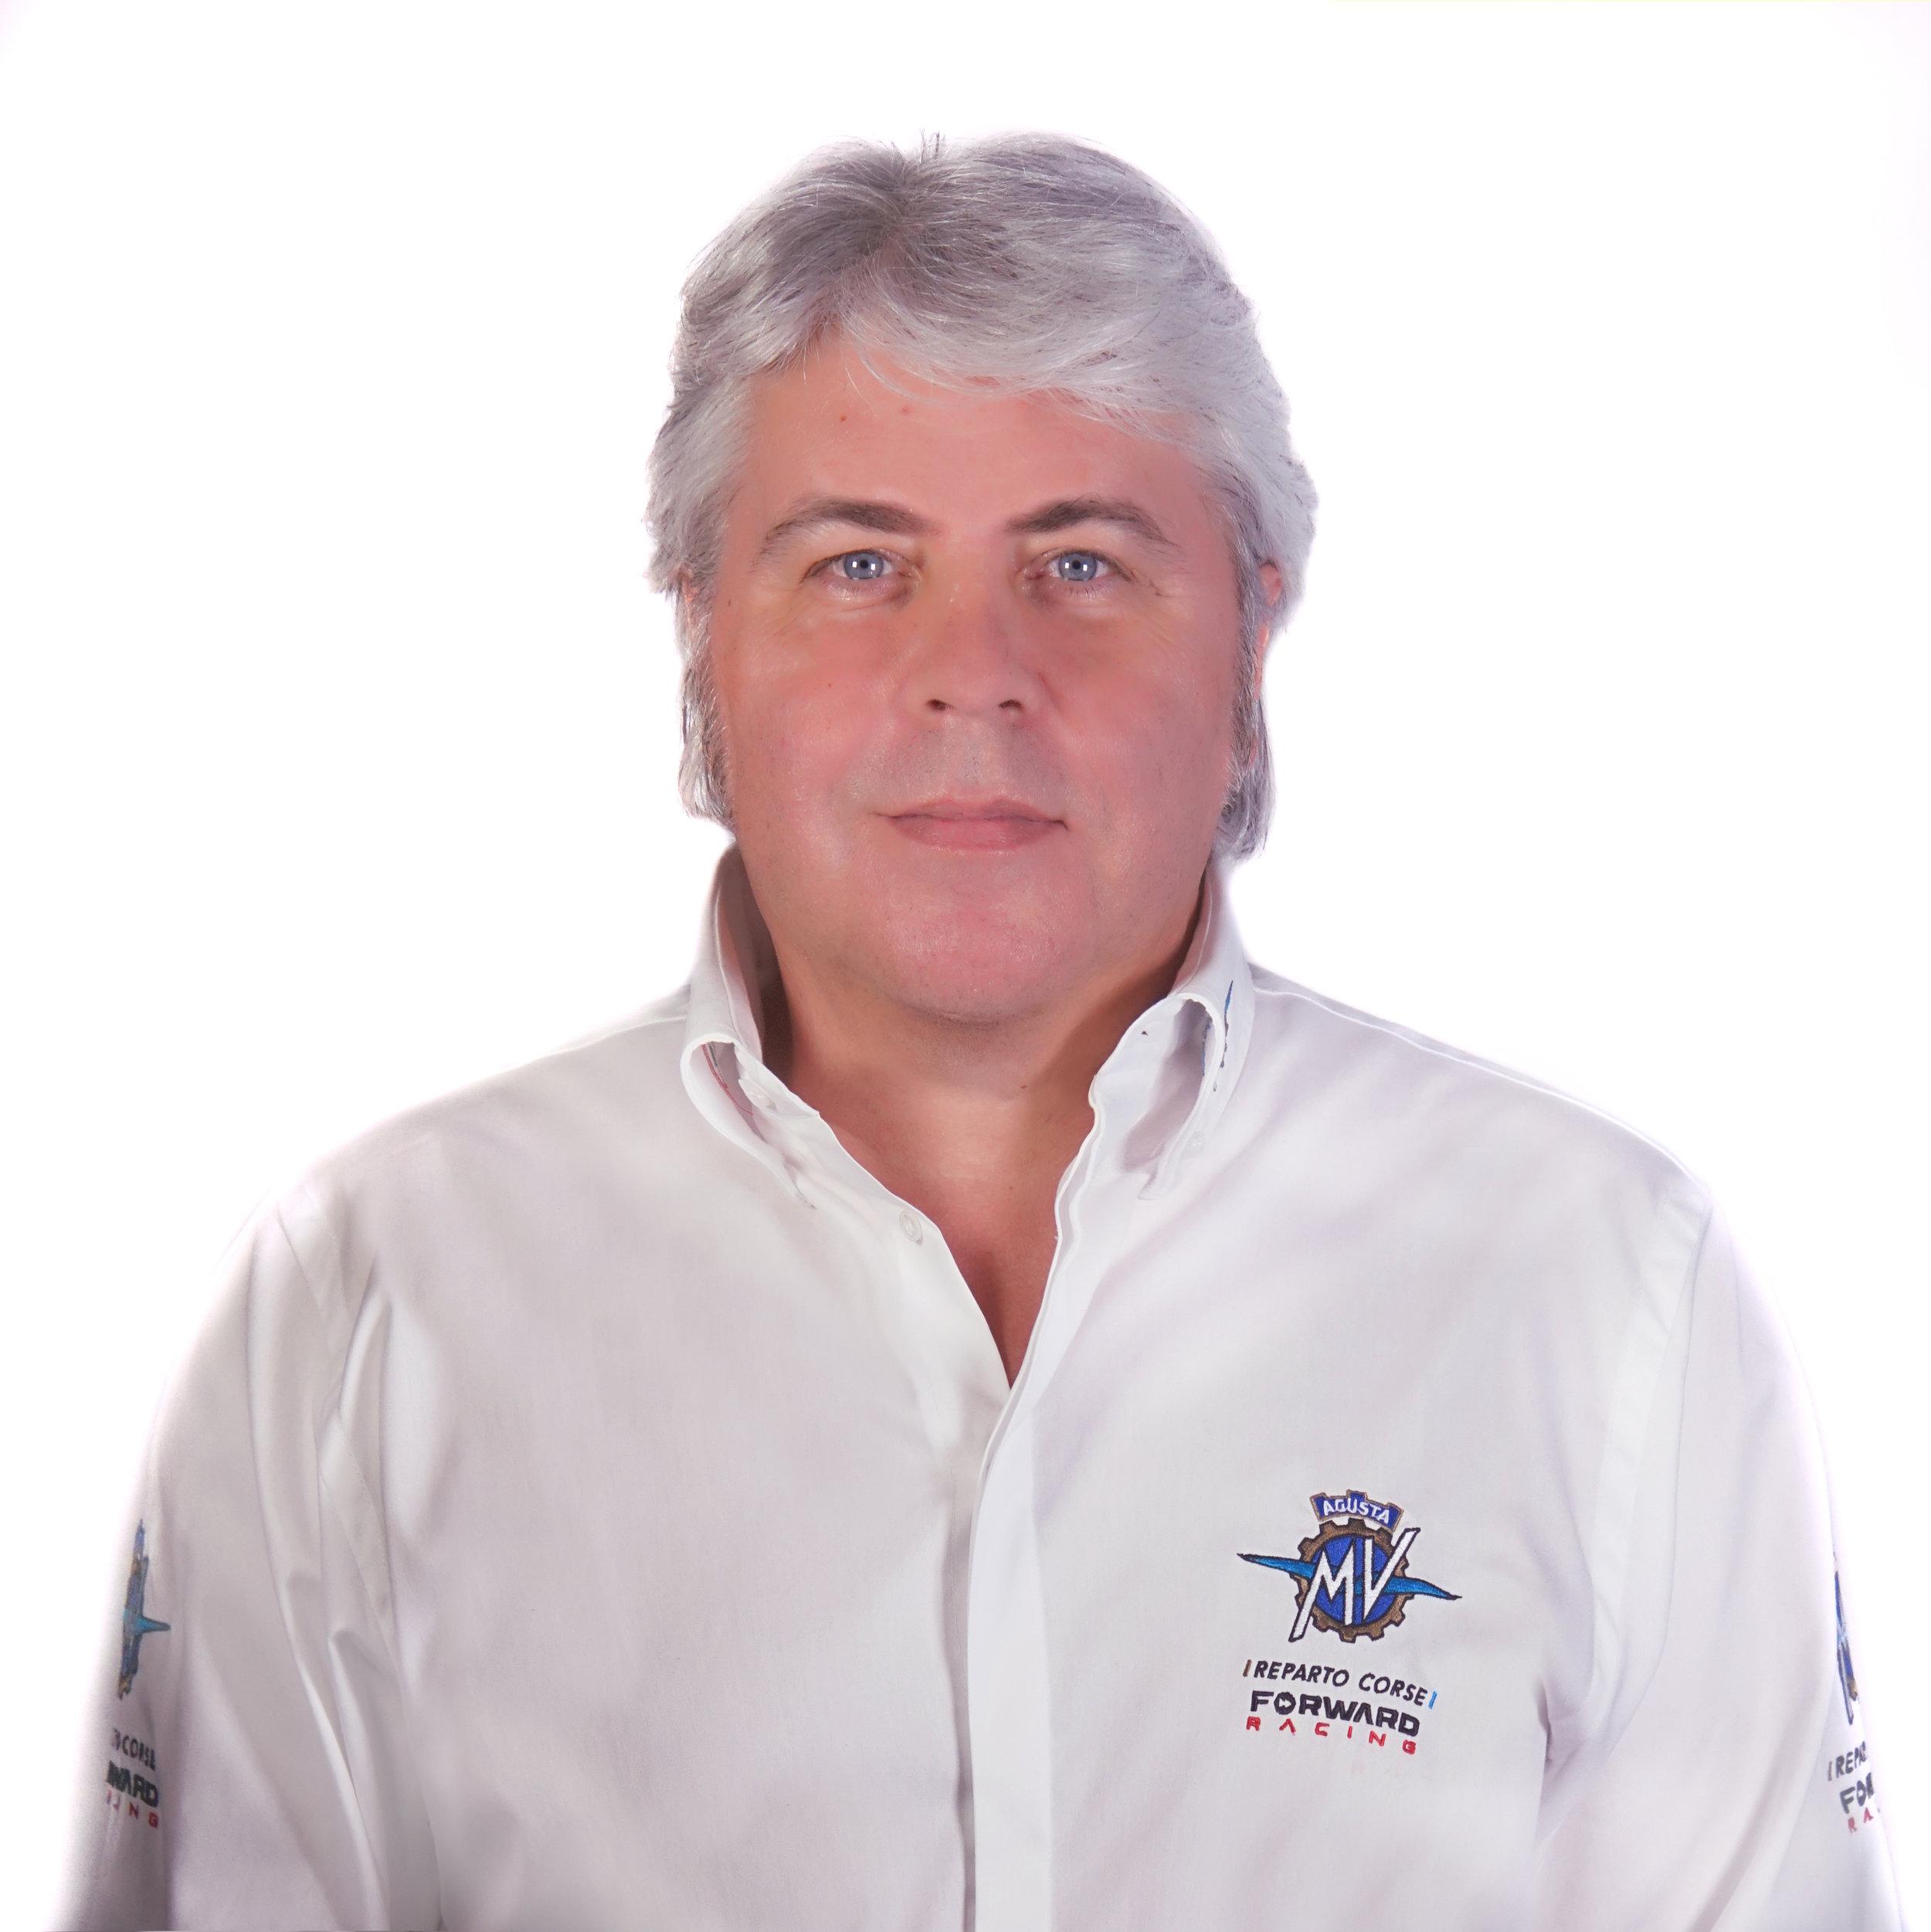 Giovanni Cuzari MV copia.jpg